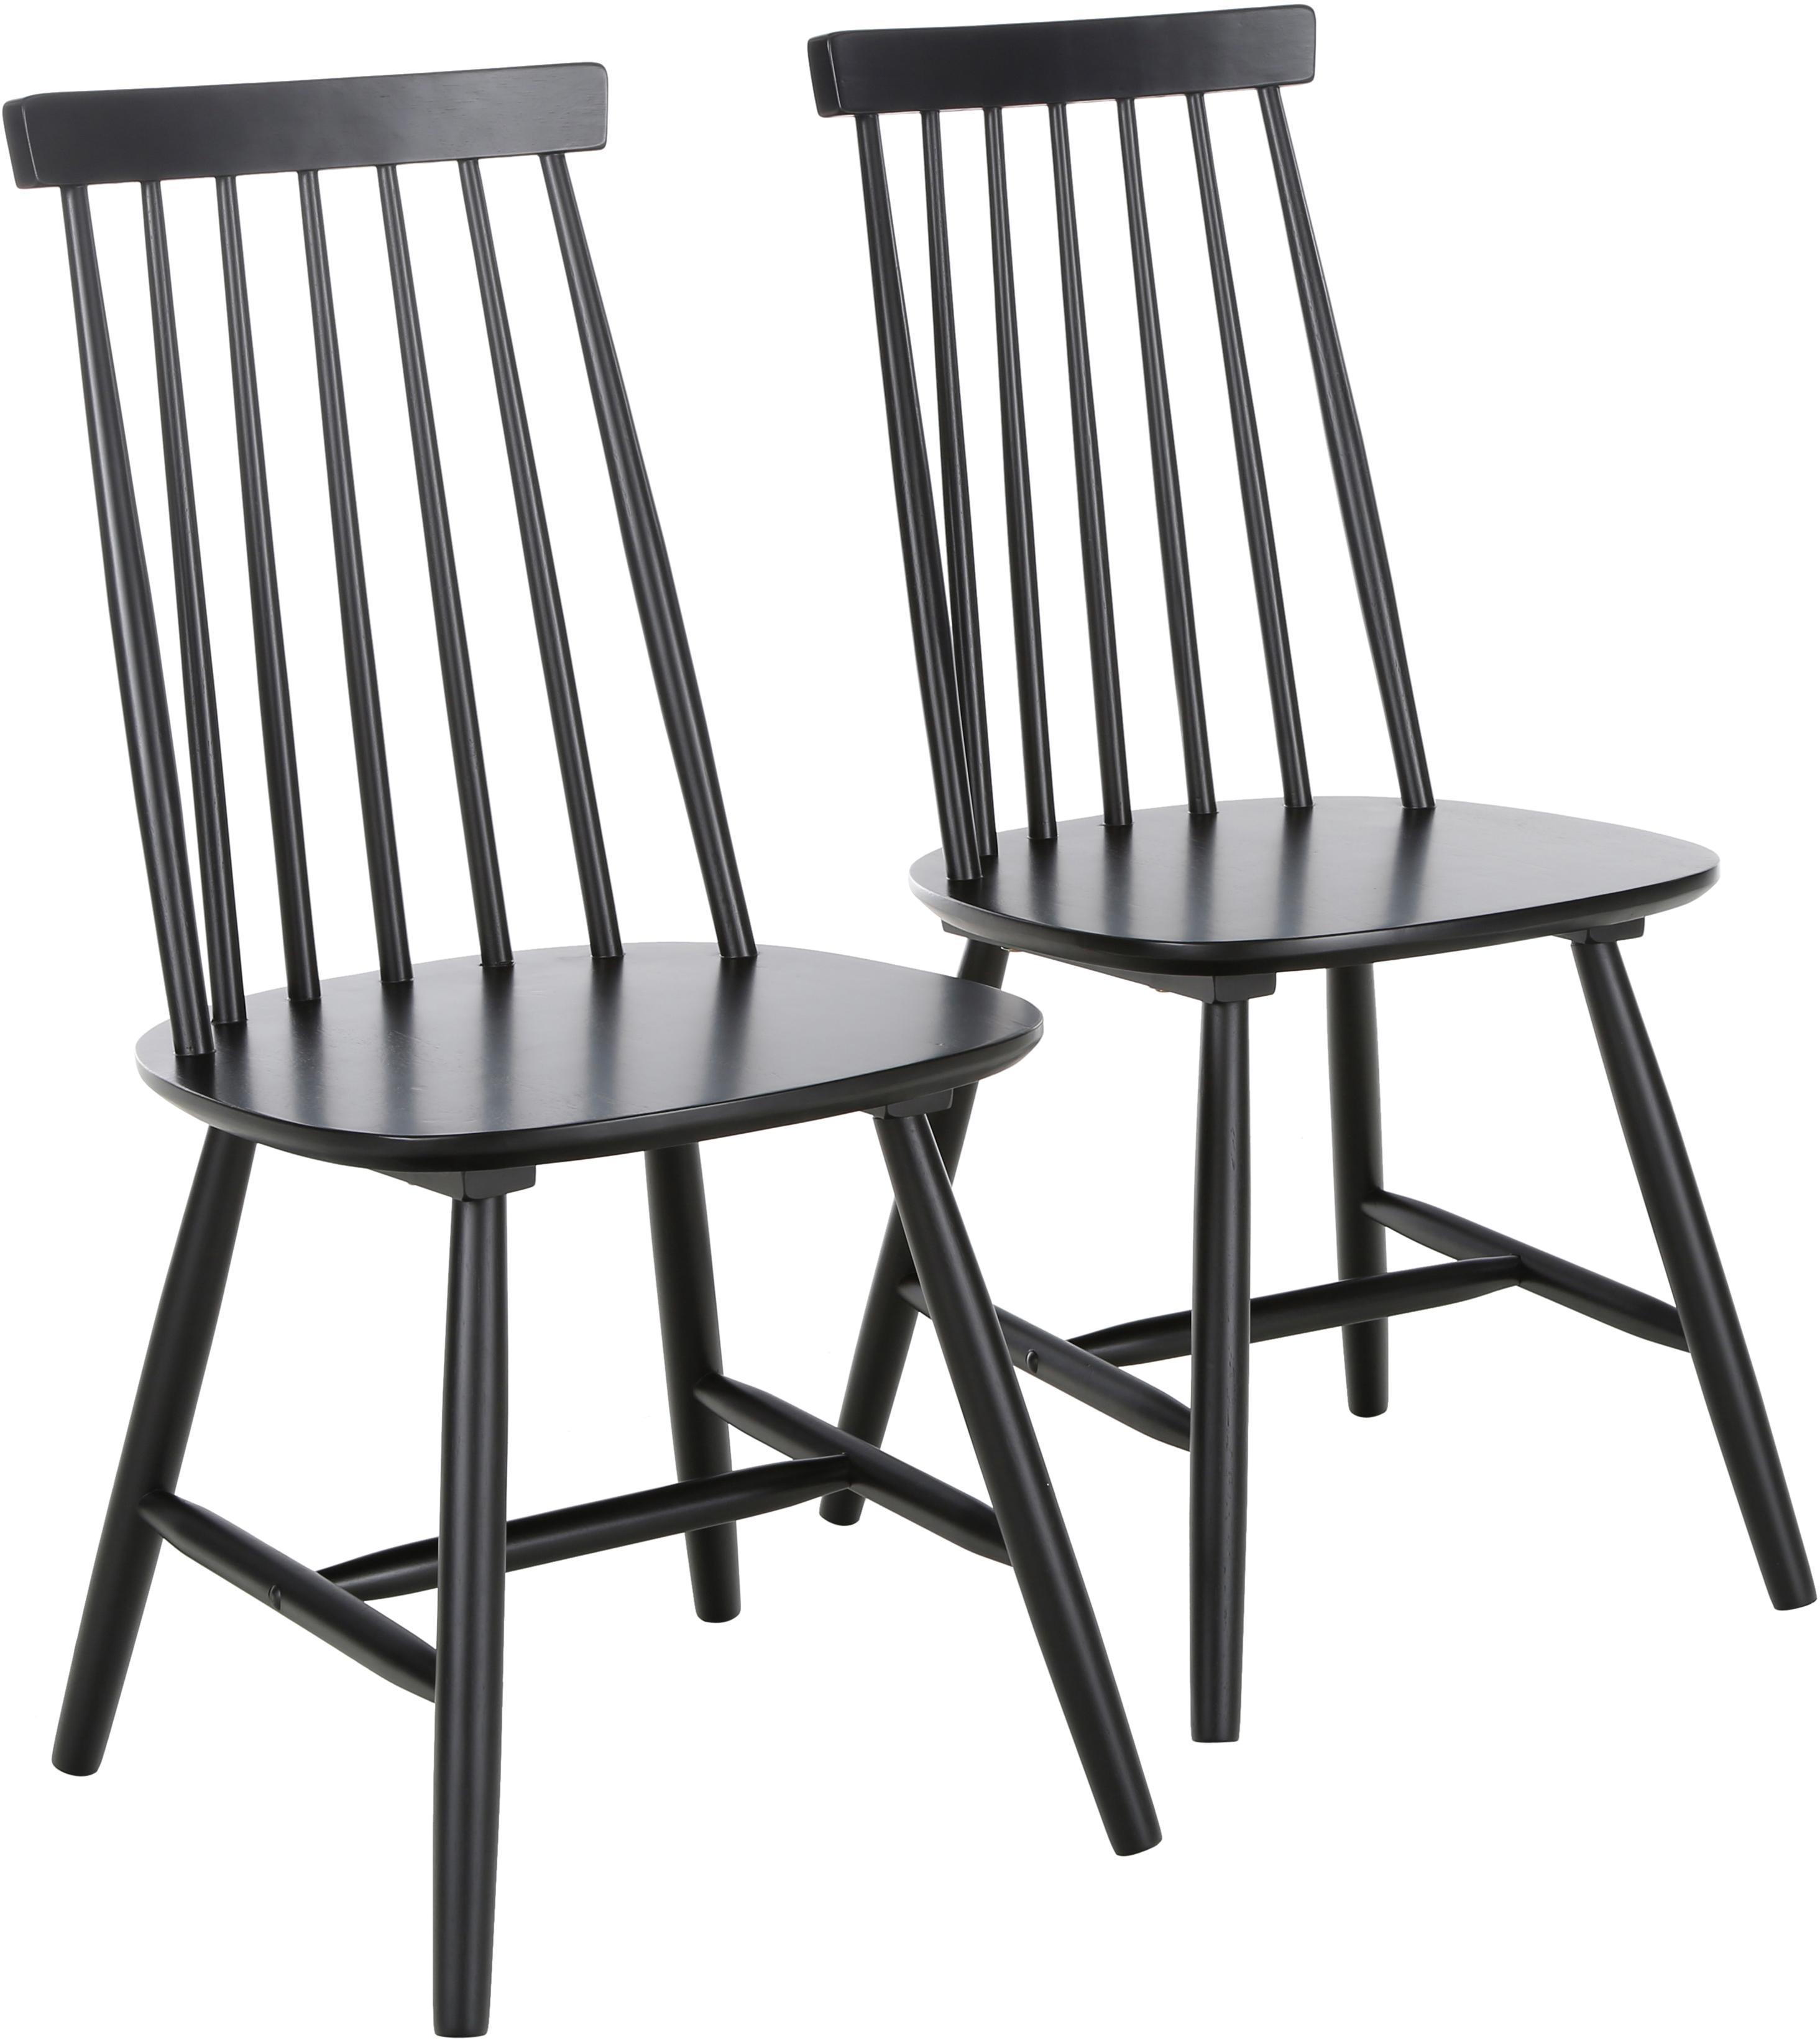 Sedia in legno Milas, 2 pz., Legno di caucciù verniciato, Nero, Larg. 52 x Prof. 45 cm